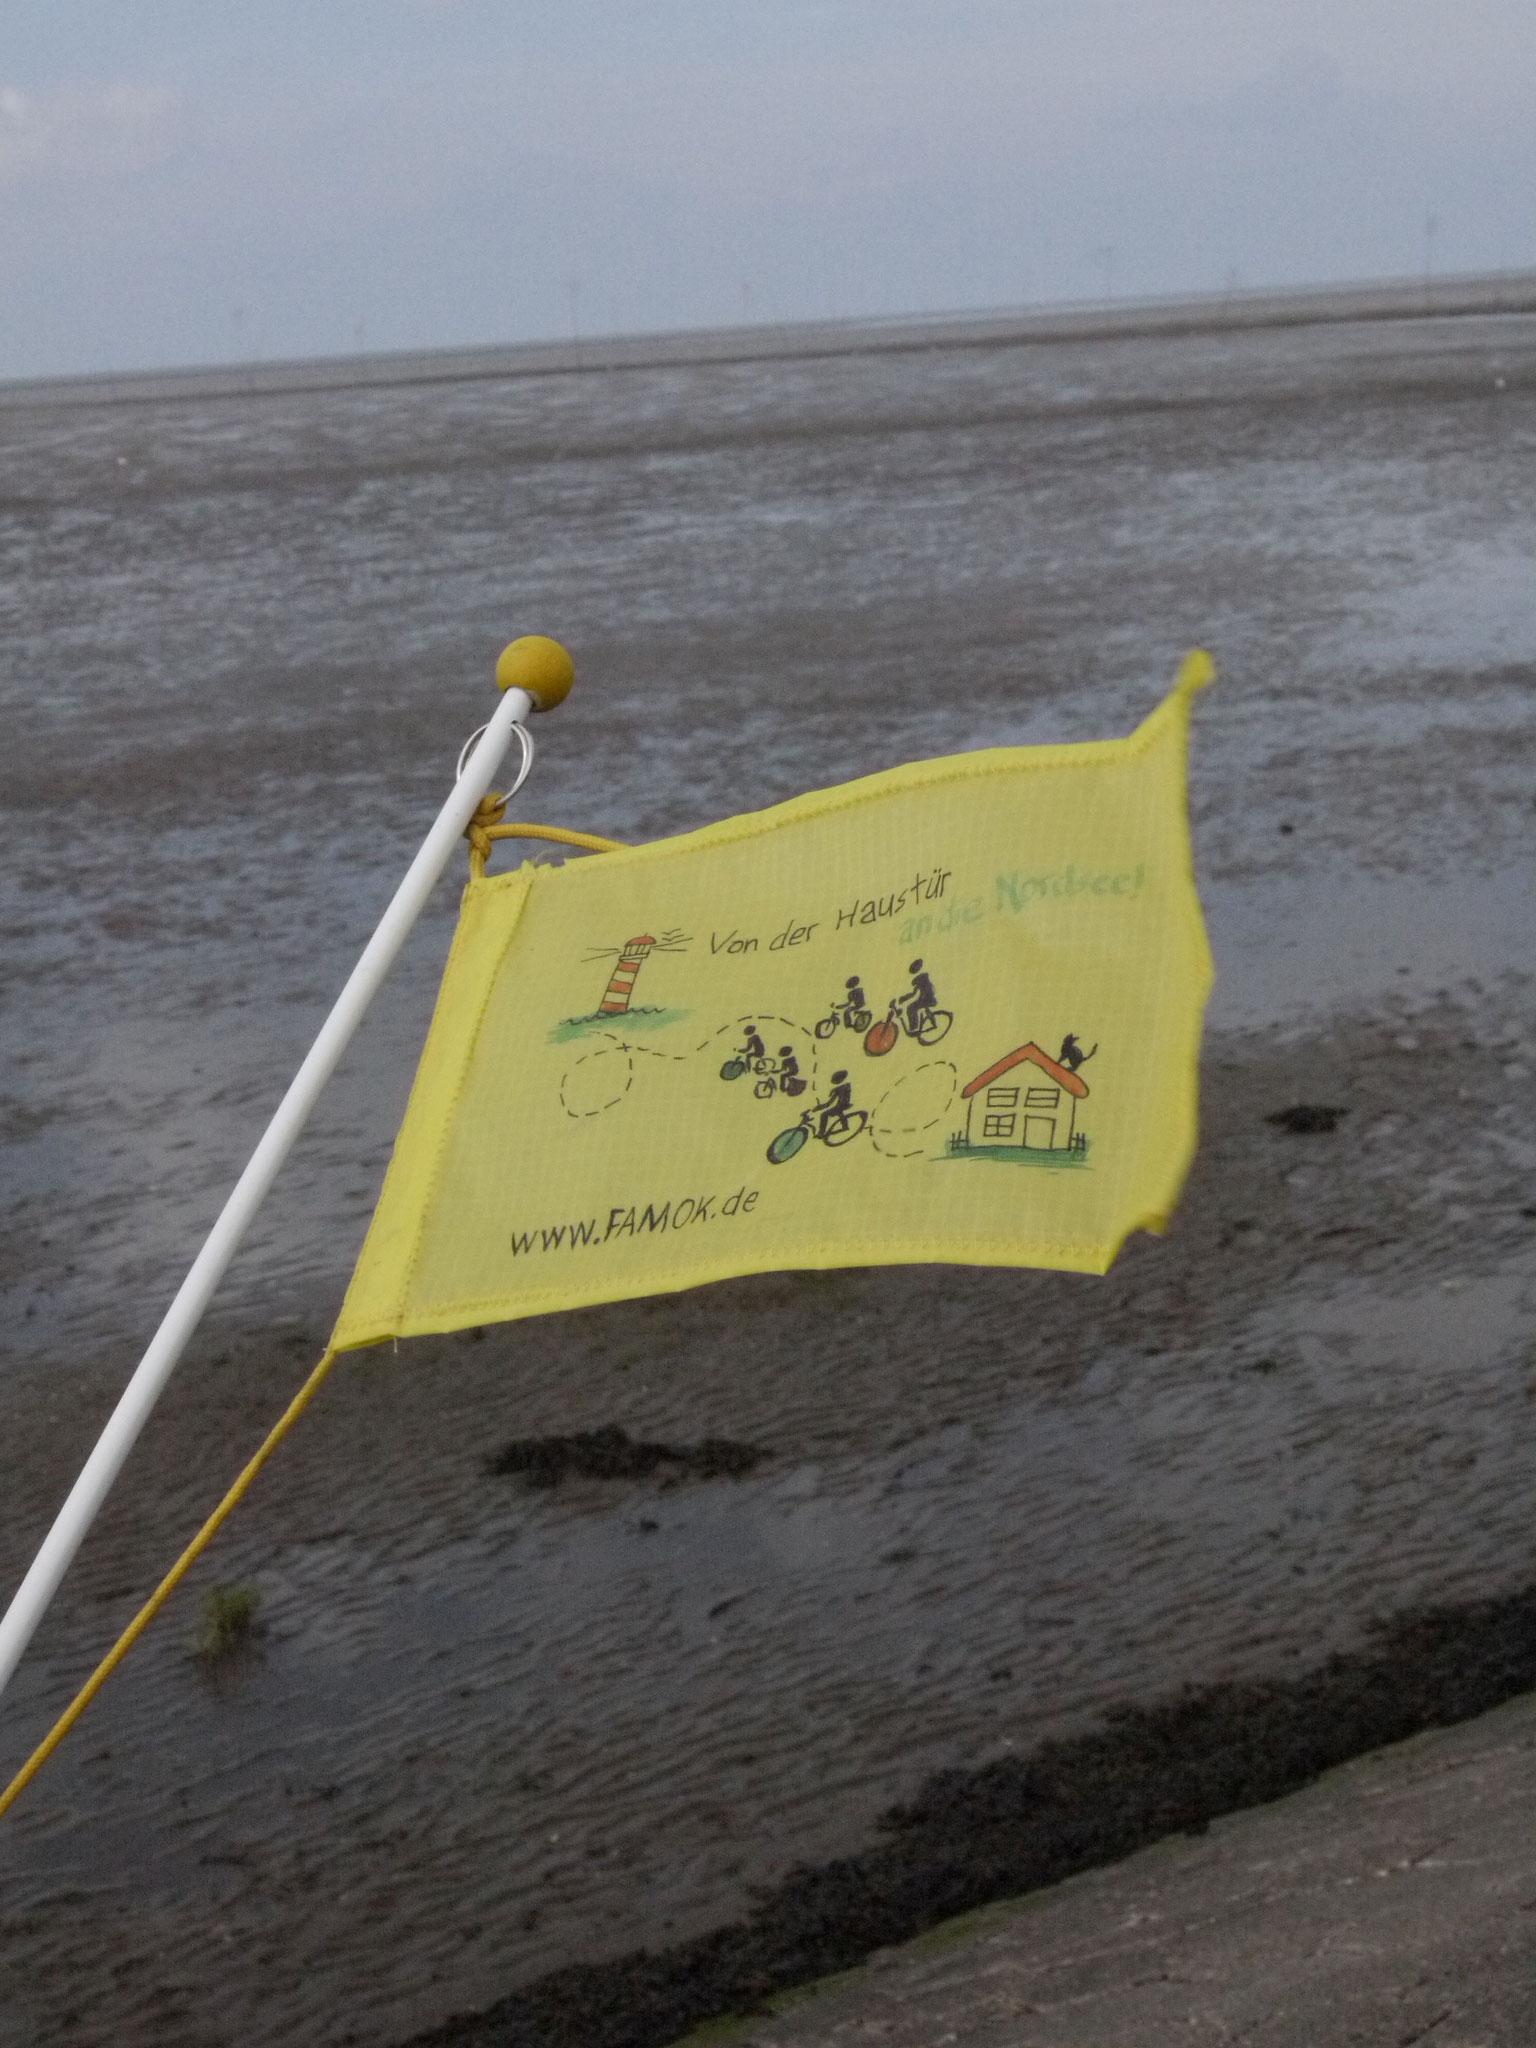 Unsere Tourflagge, im Hintergrund das verebbte Meer